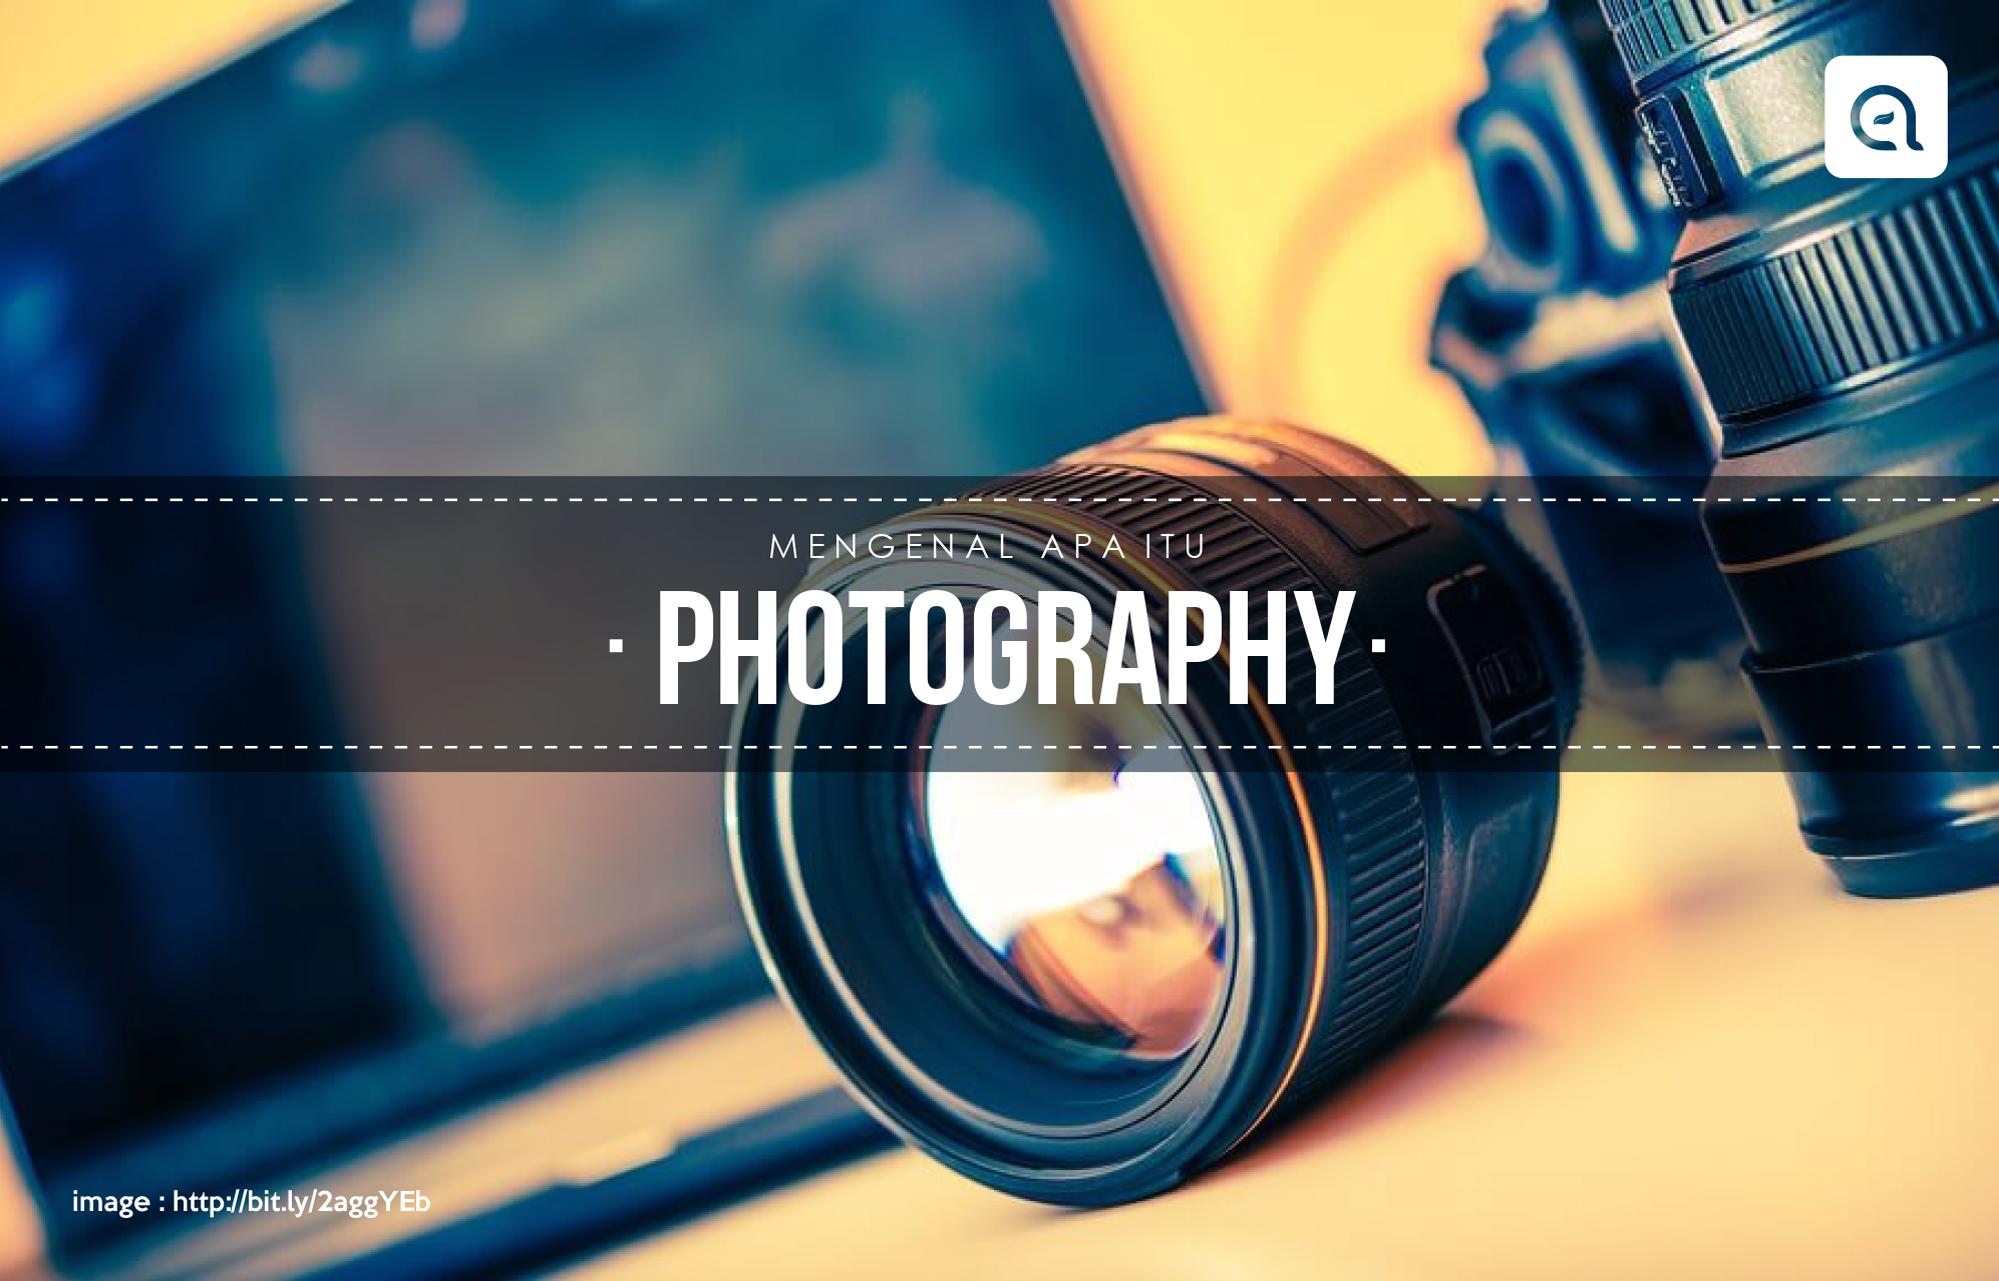 Mengenal apa itu Photography